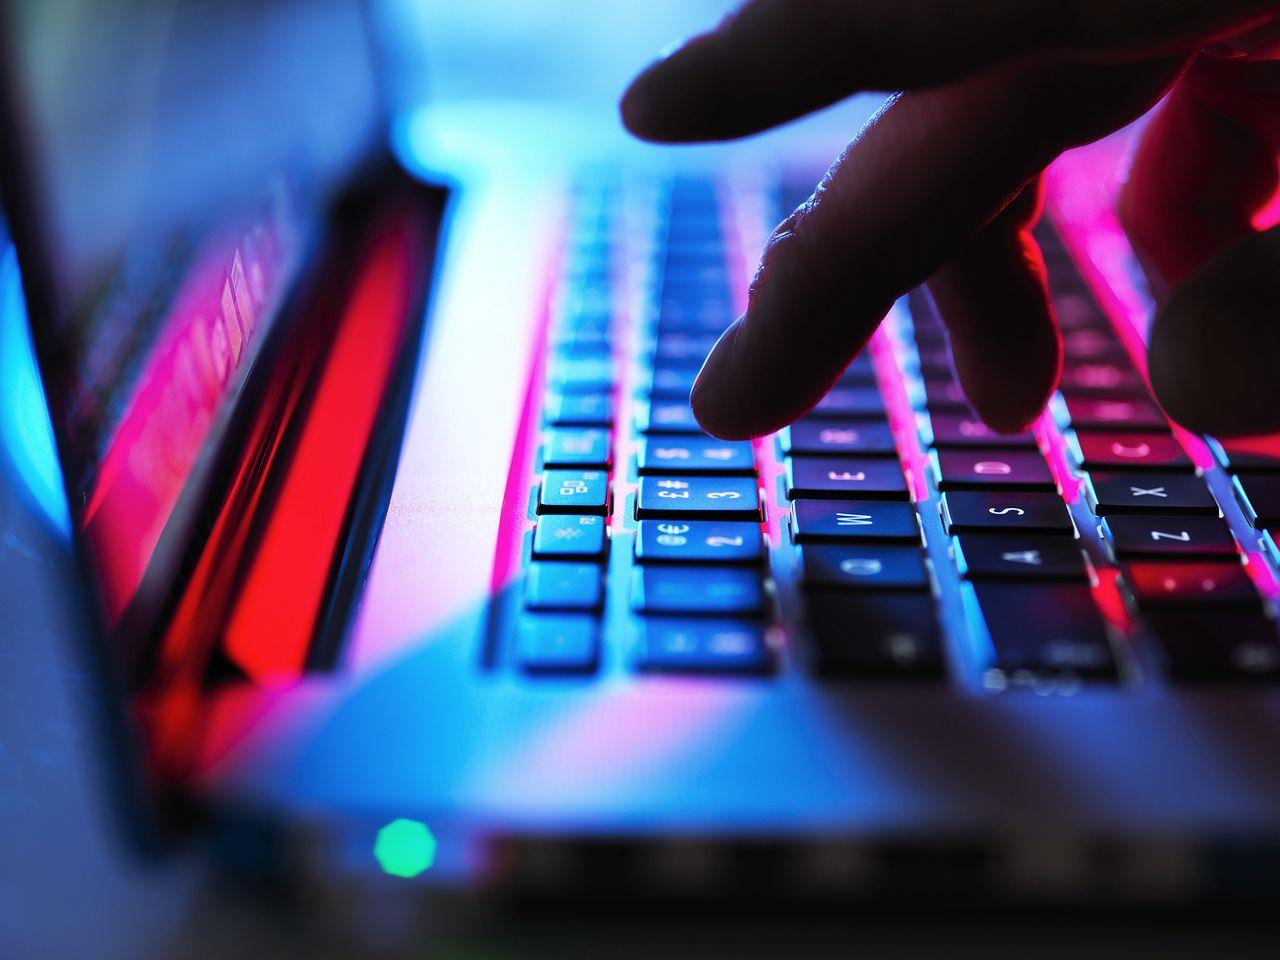 Irańscy hakerzy atakują izraelskie organizacje. Celują w dostawców podstawowych usług